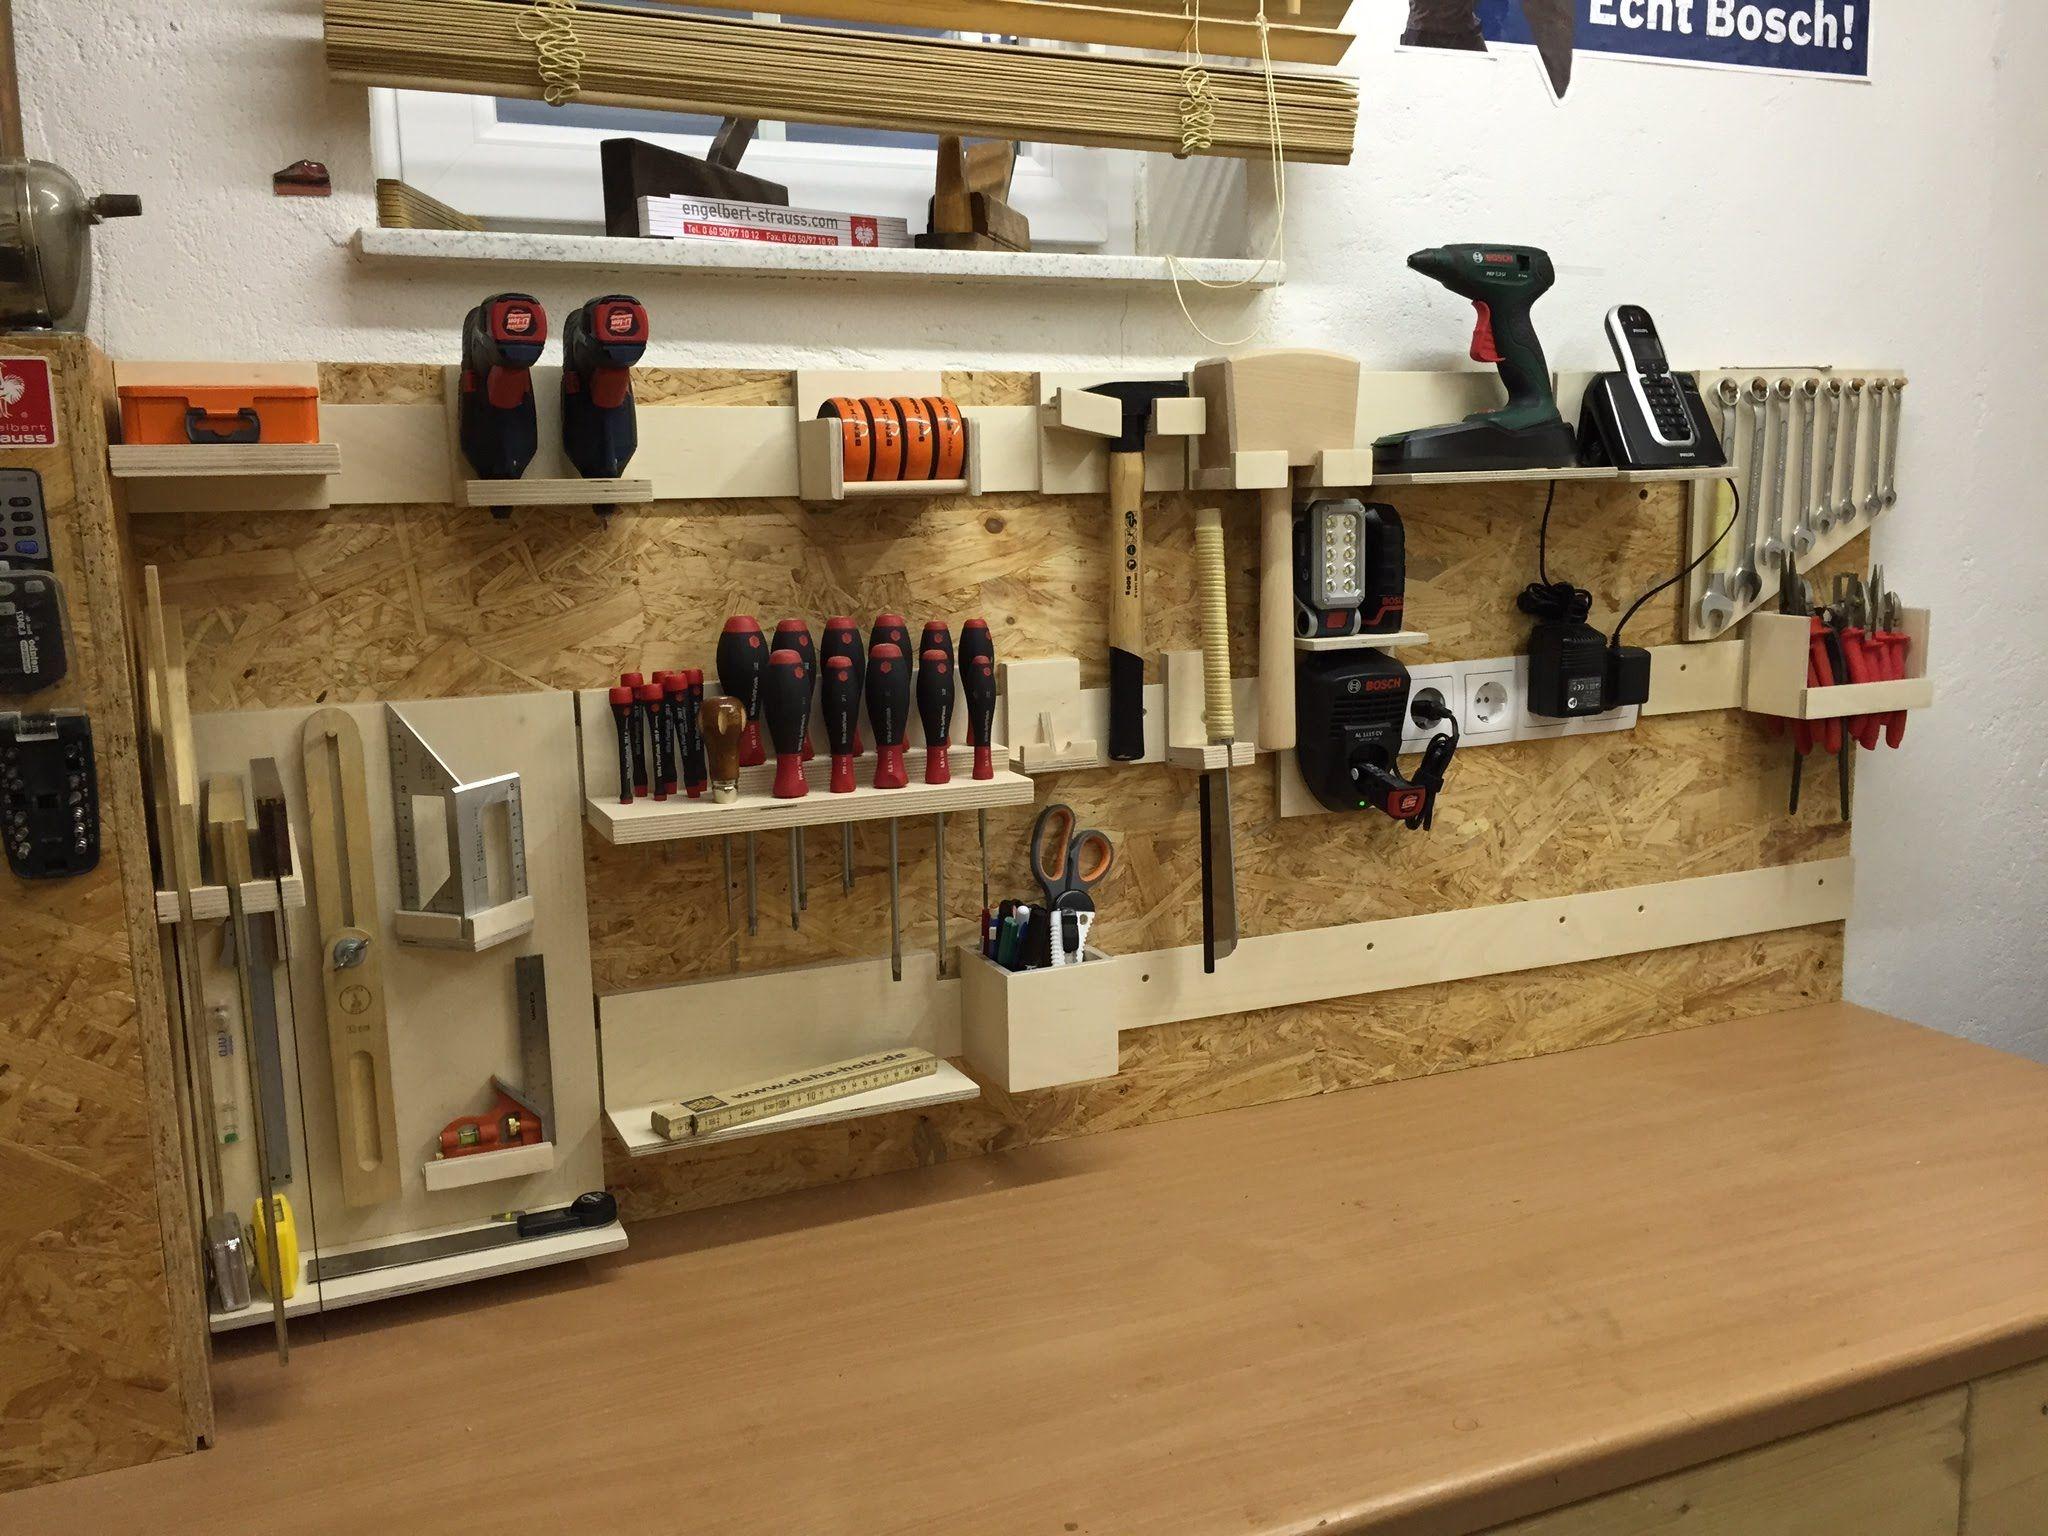 French Cleat Aufhängesystem Für Werkzeuge